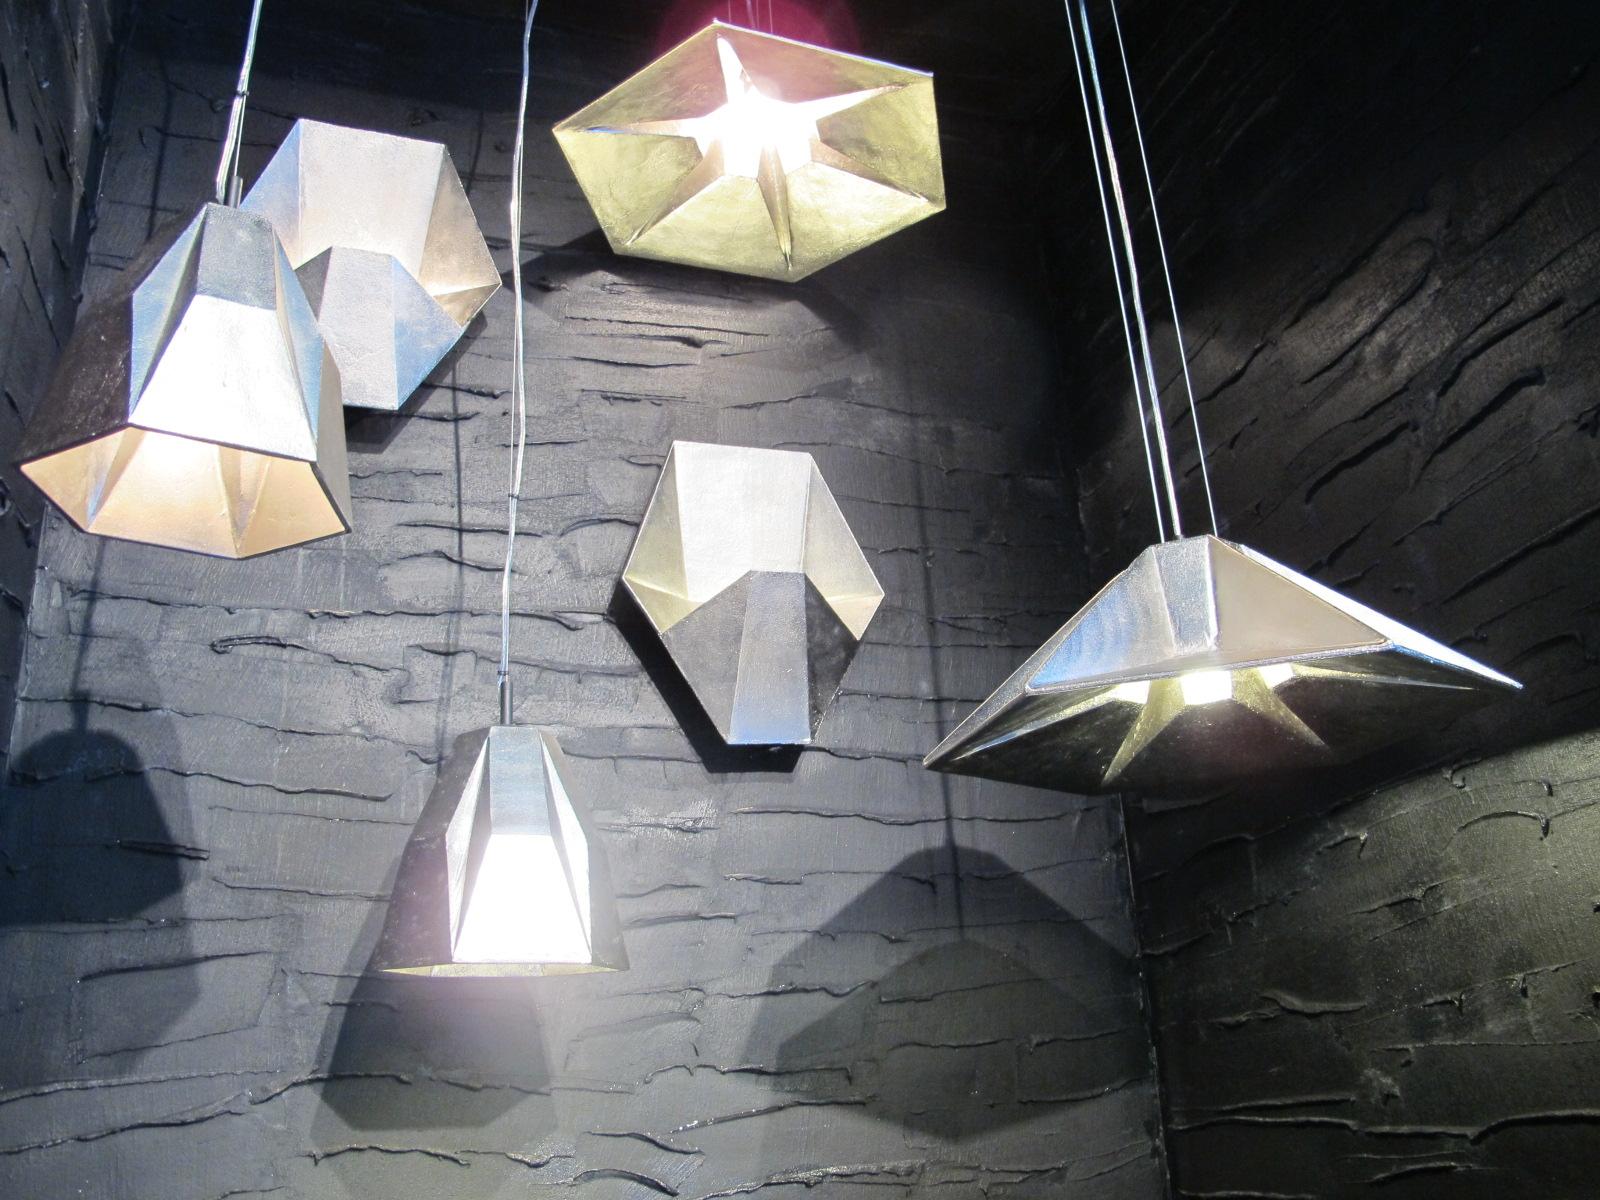 Salone del mobile 2013 (5), design and co…